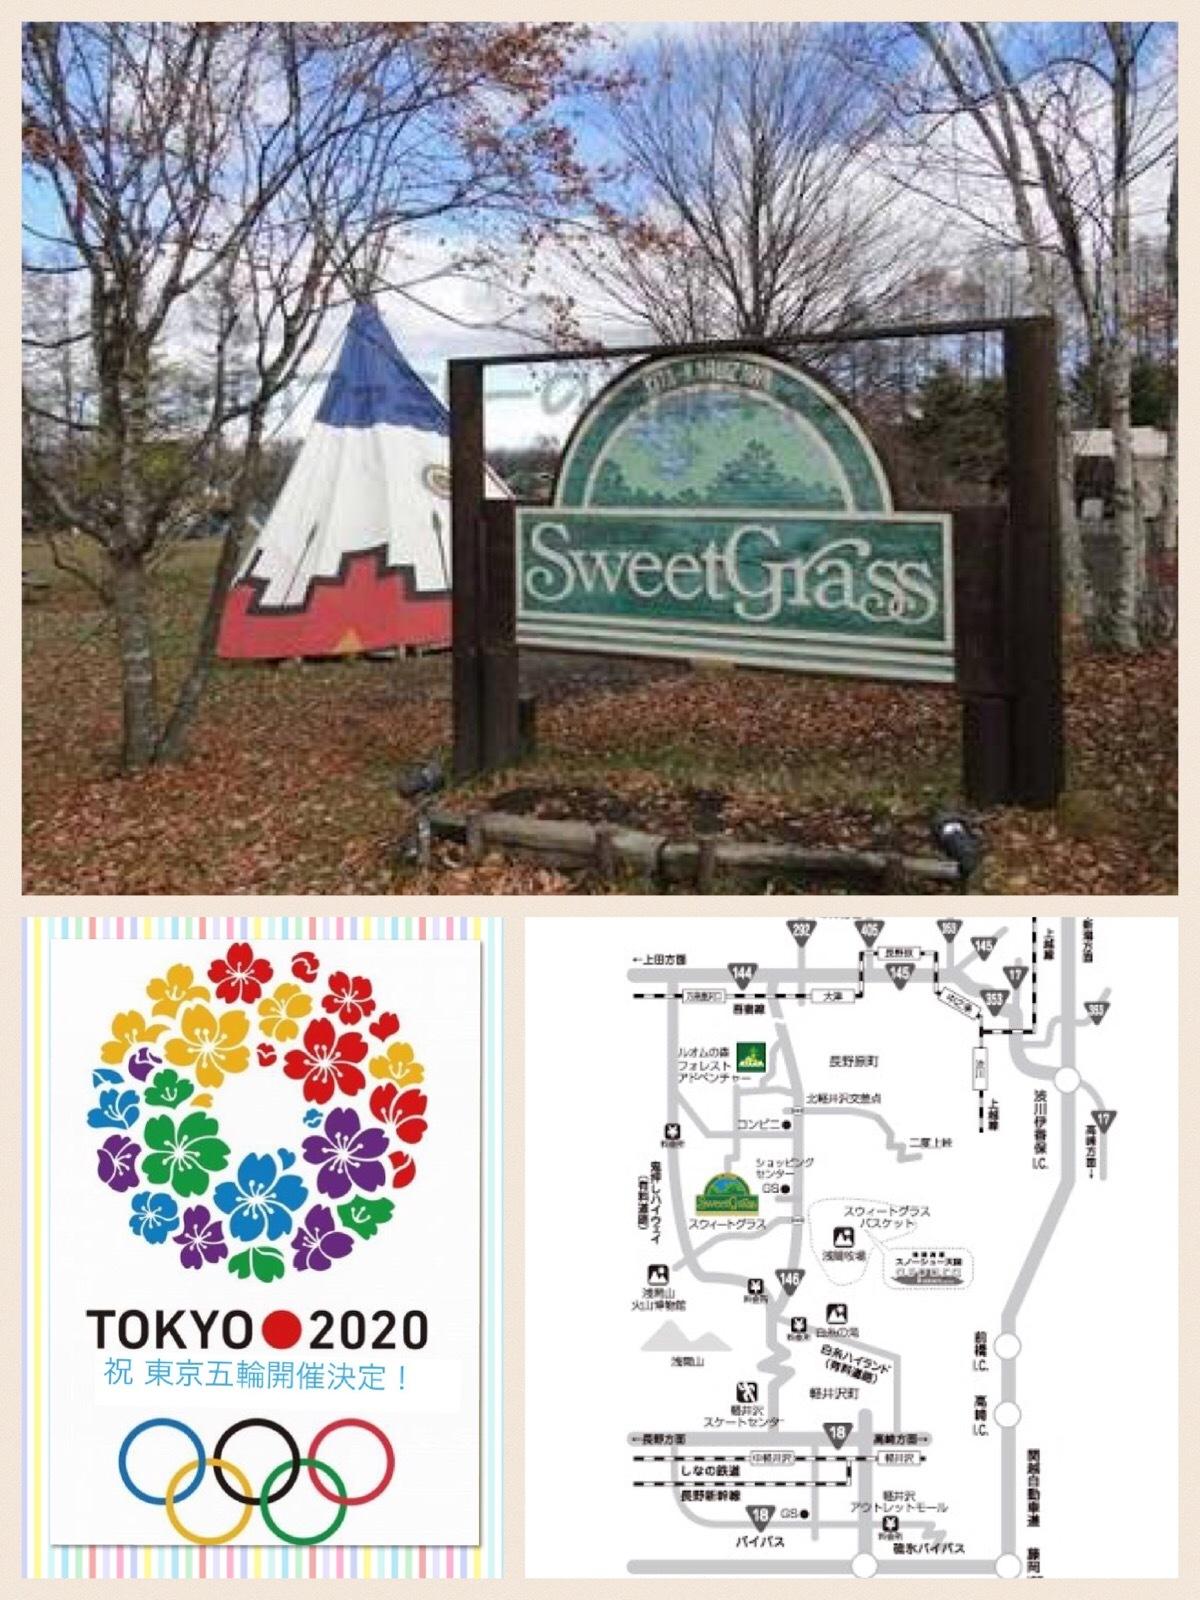 北軽井沢スウィートグラス クルマの撮影スポット